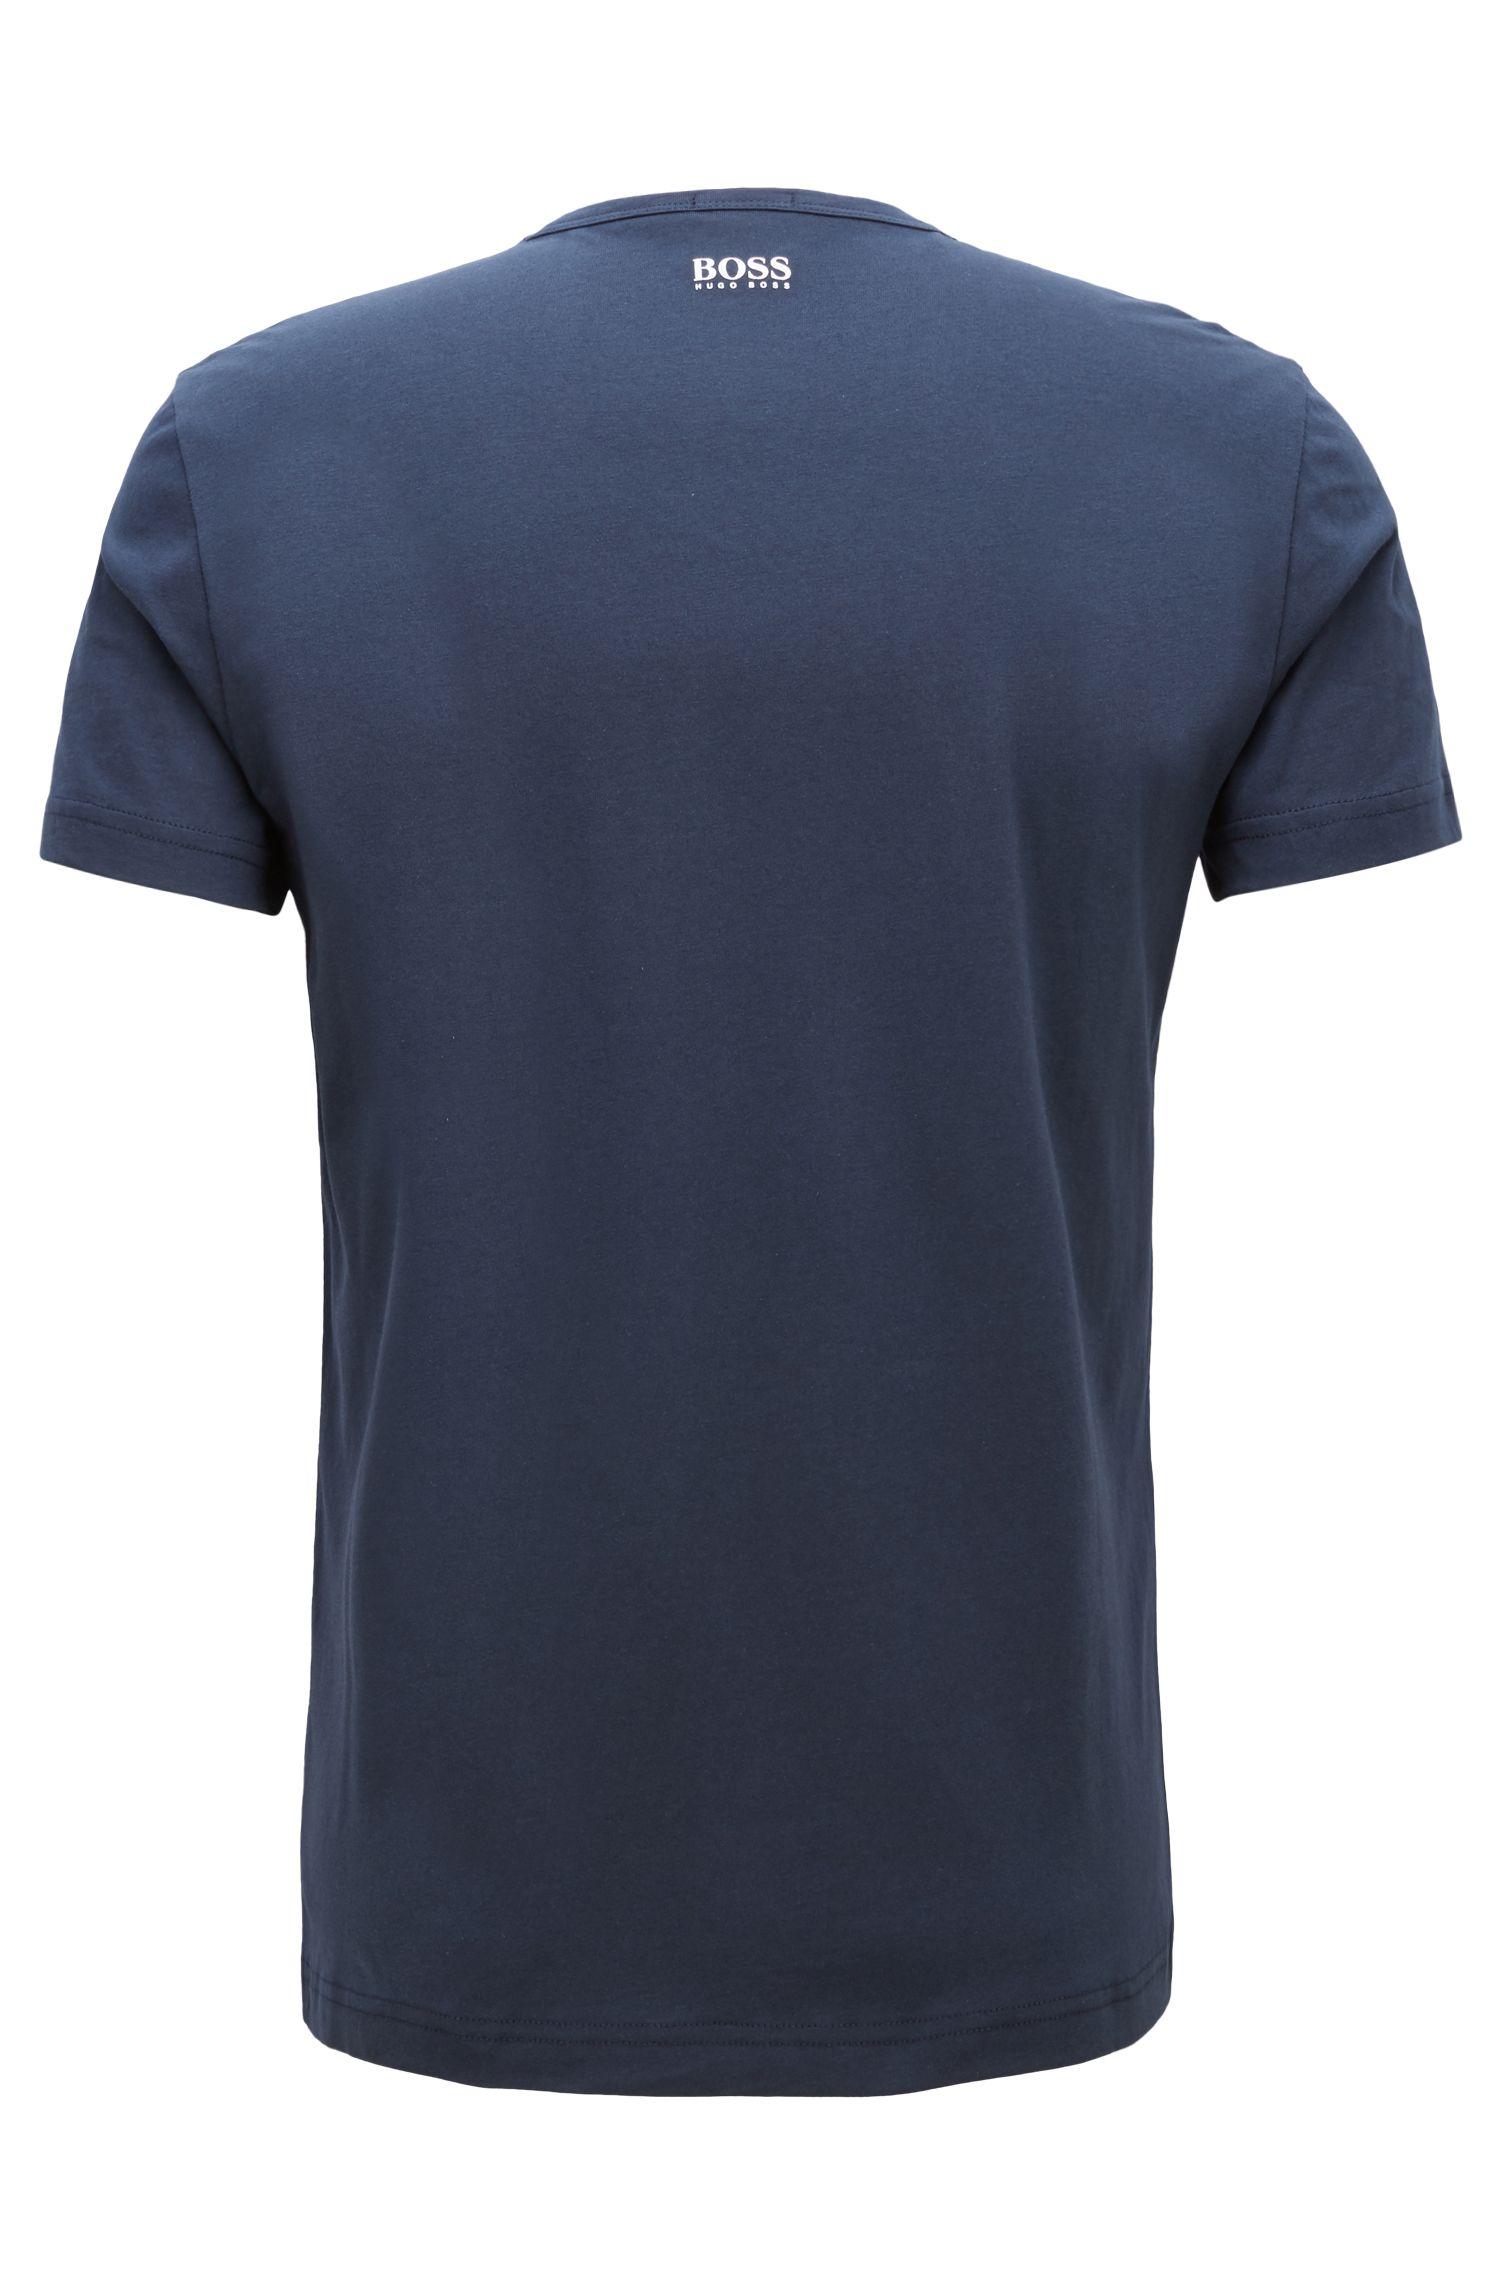 Camiseta de cuello redondo en algodón con diseño metálico, Azul oscuro